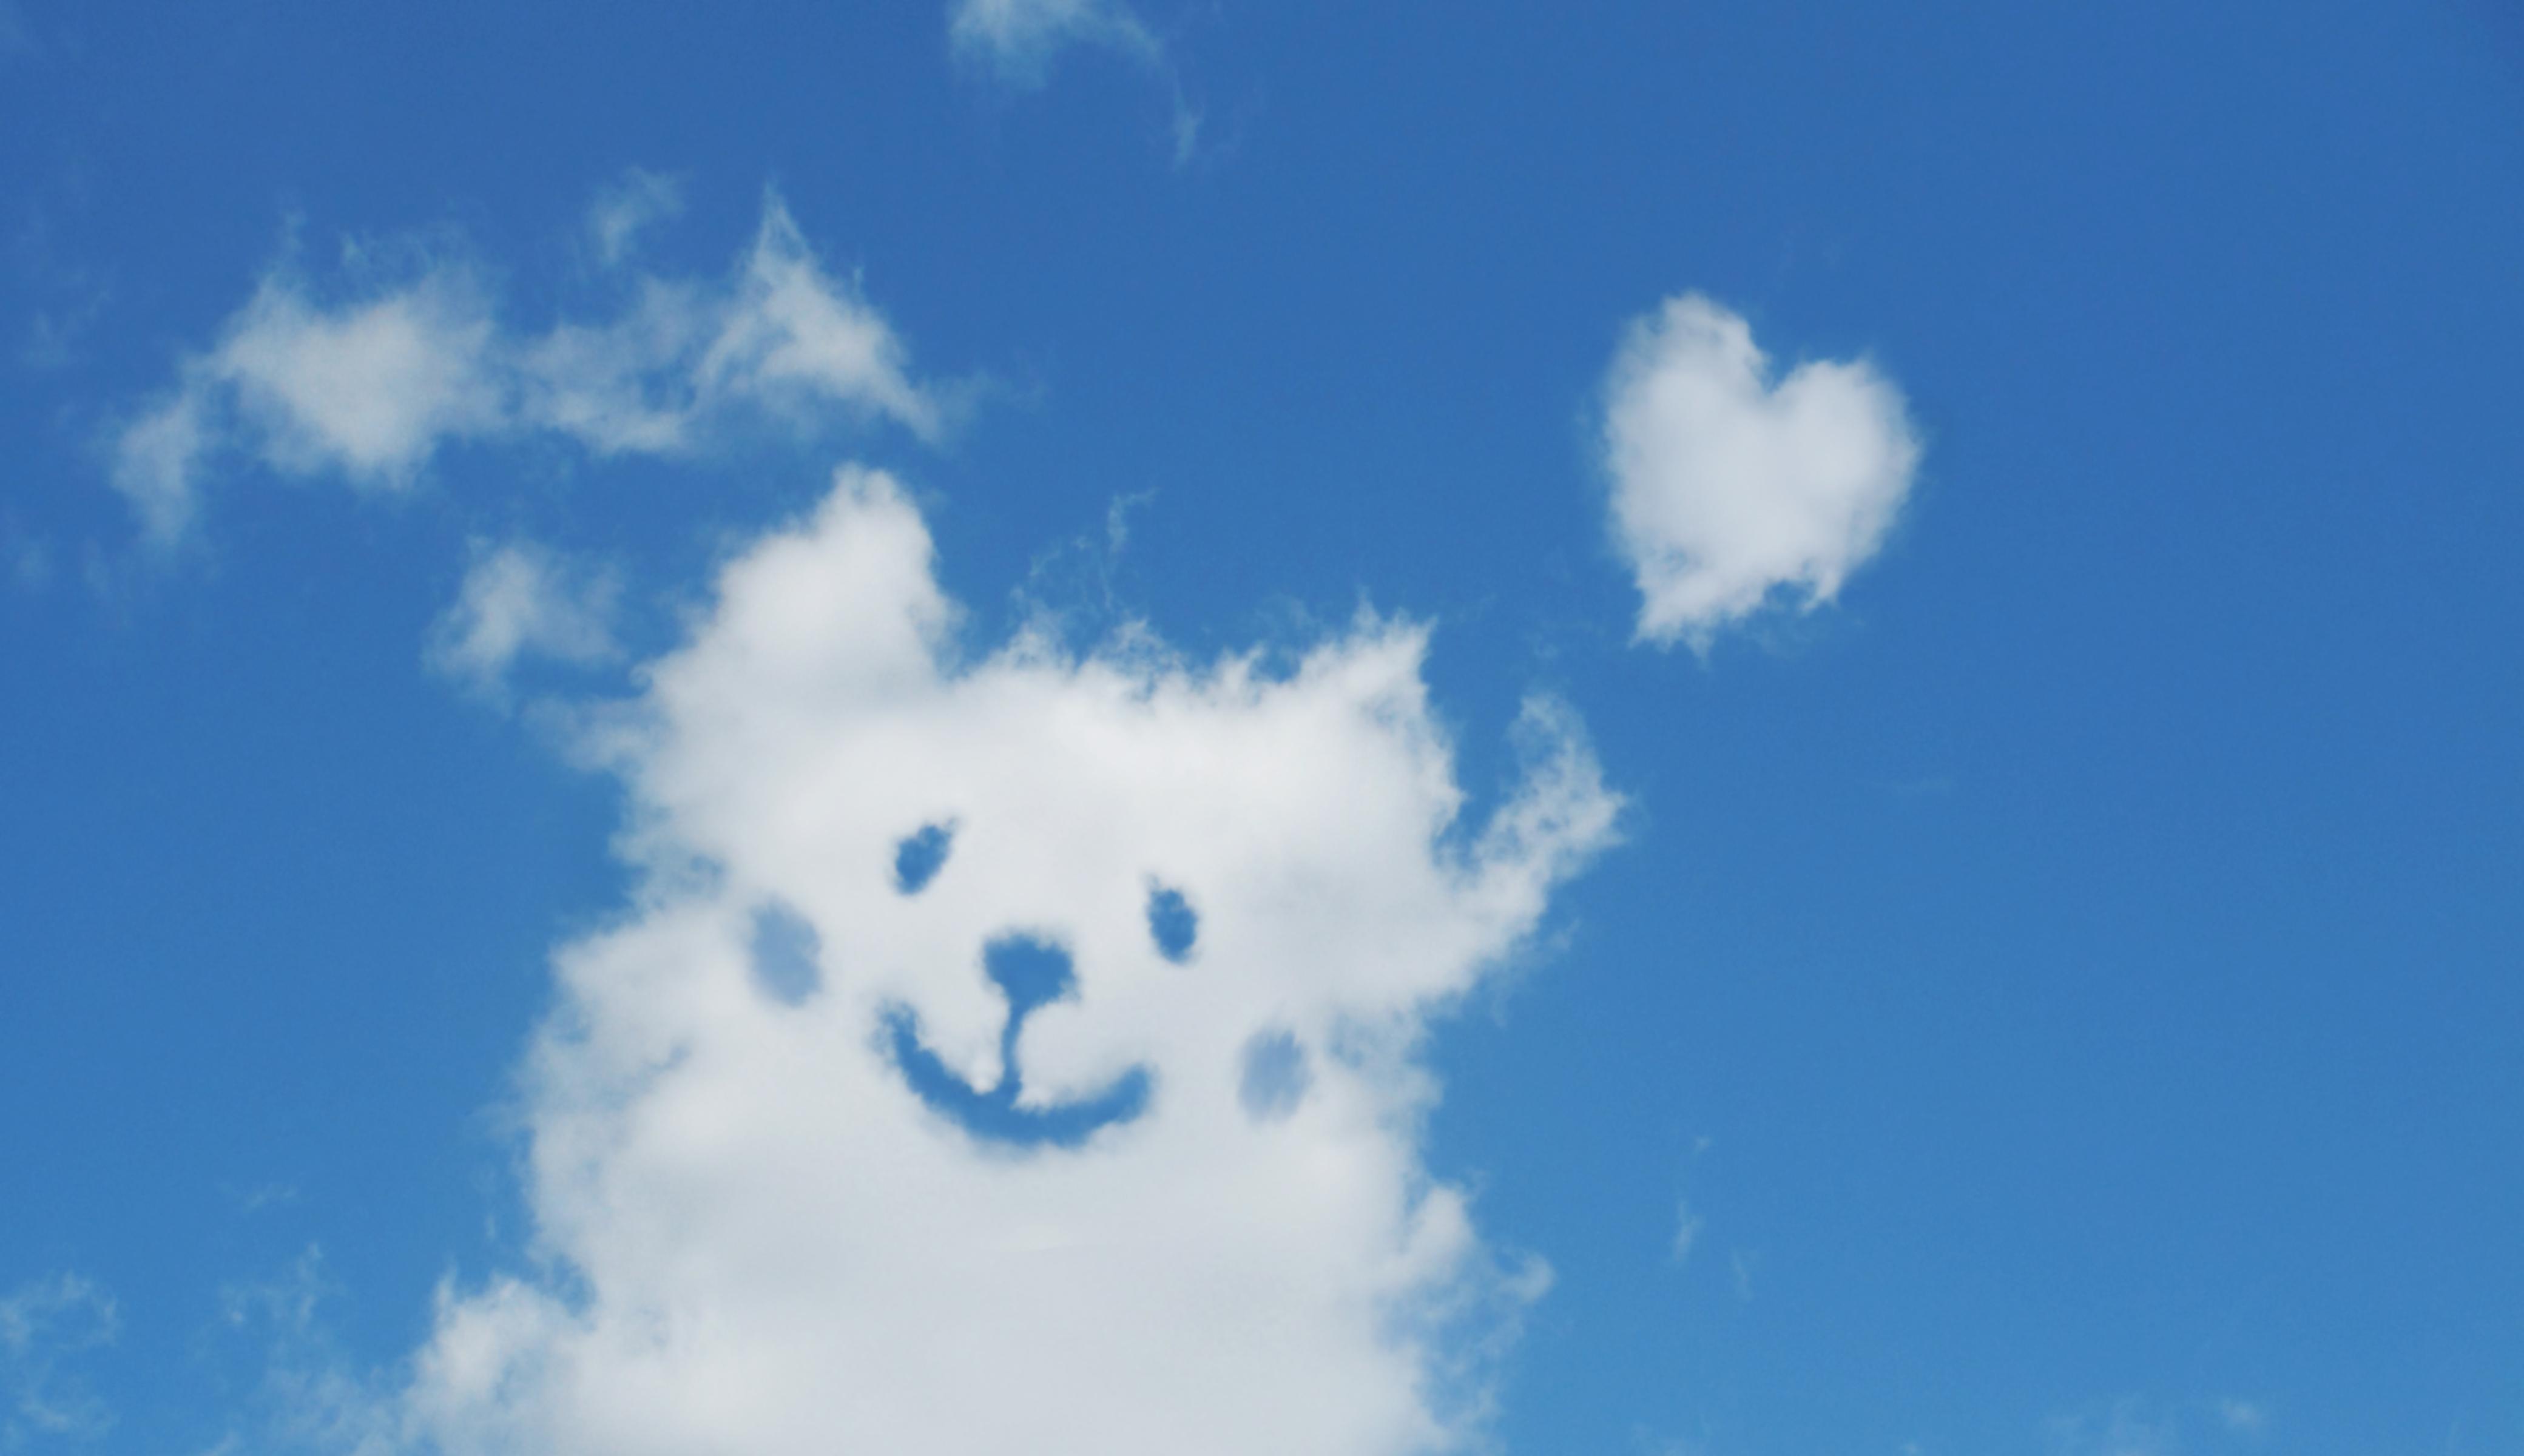 背景(犬雲)